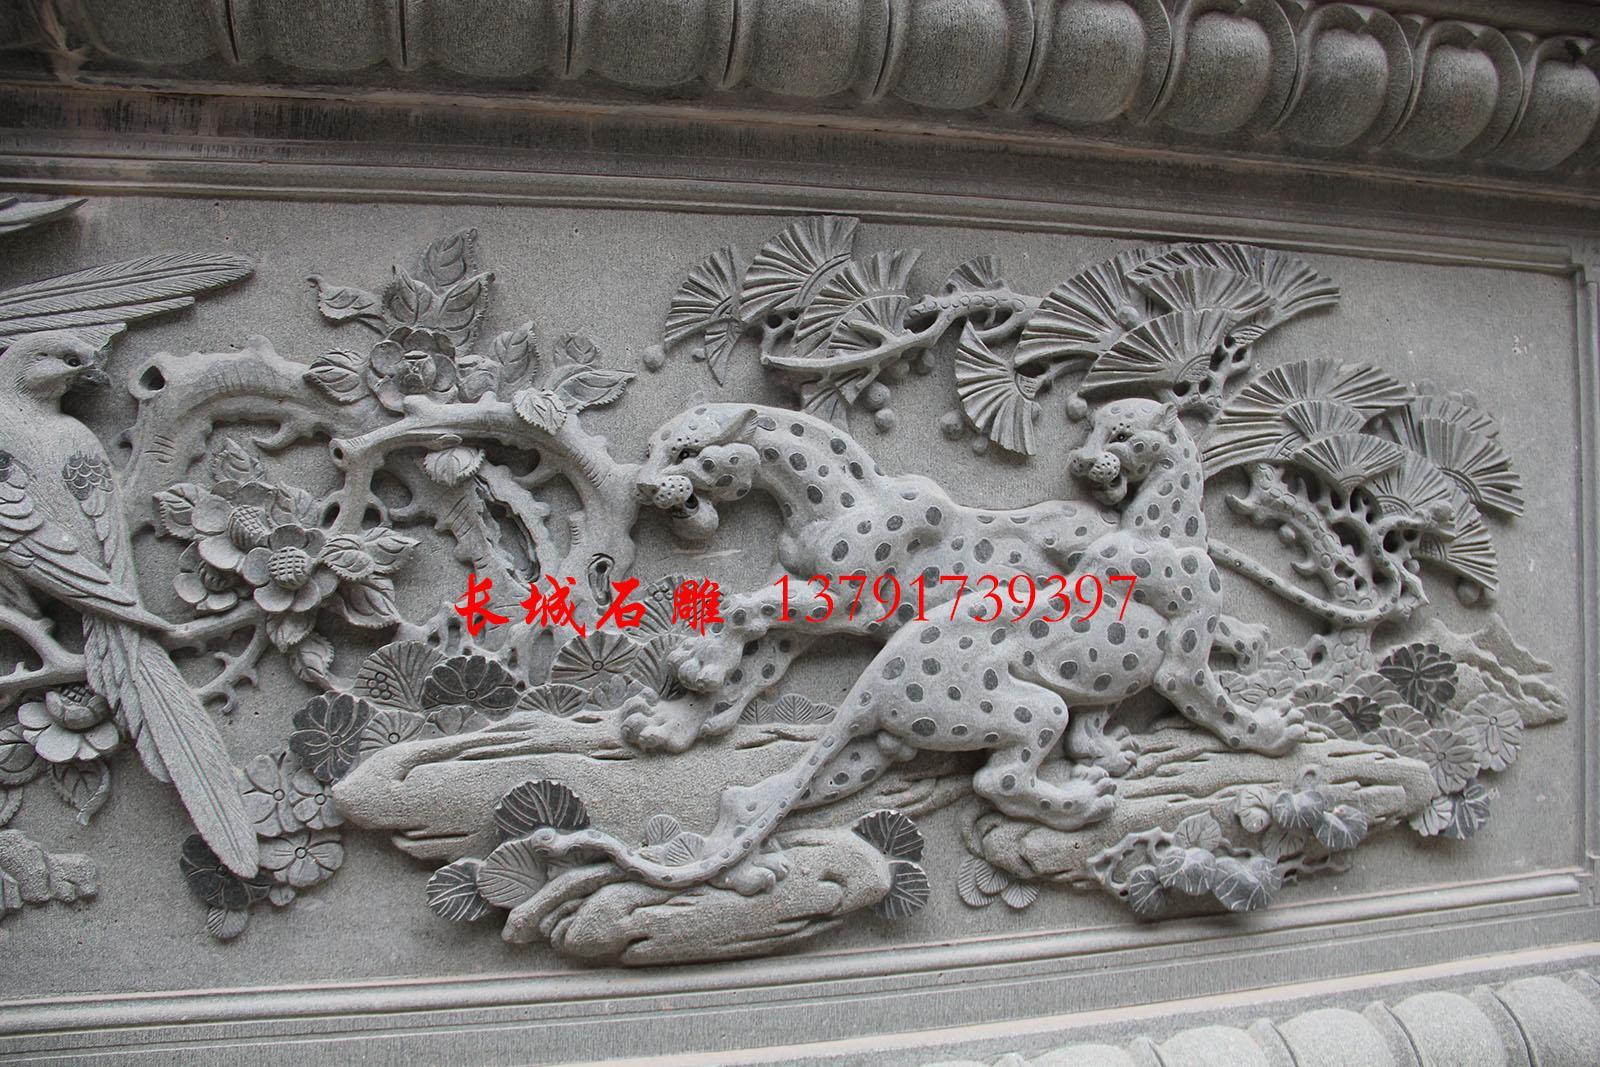 石雕牌坊浮雕设计-喜报三元,用喜鹊和豹子寓意吉祥。